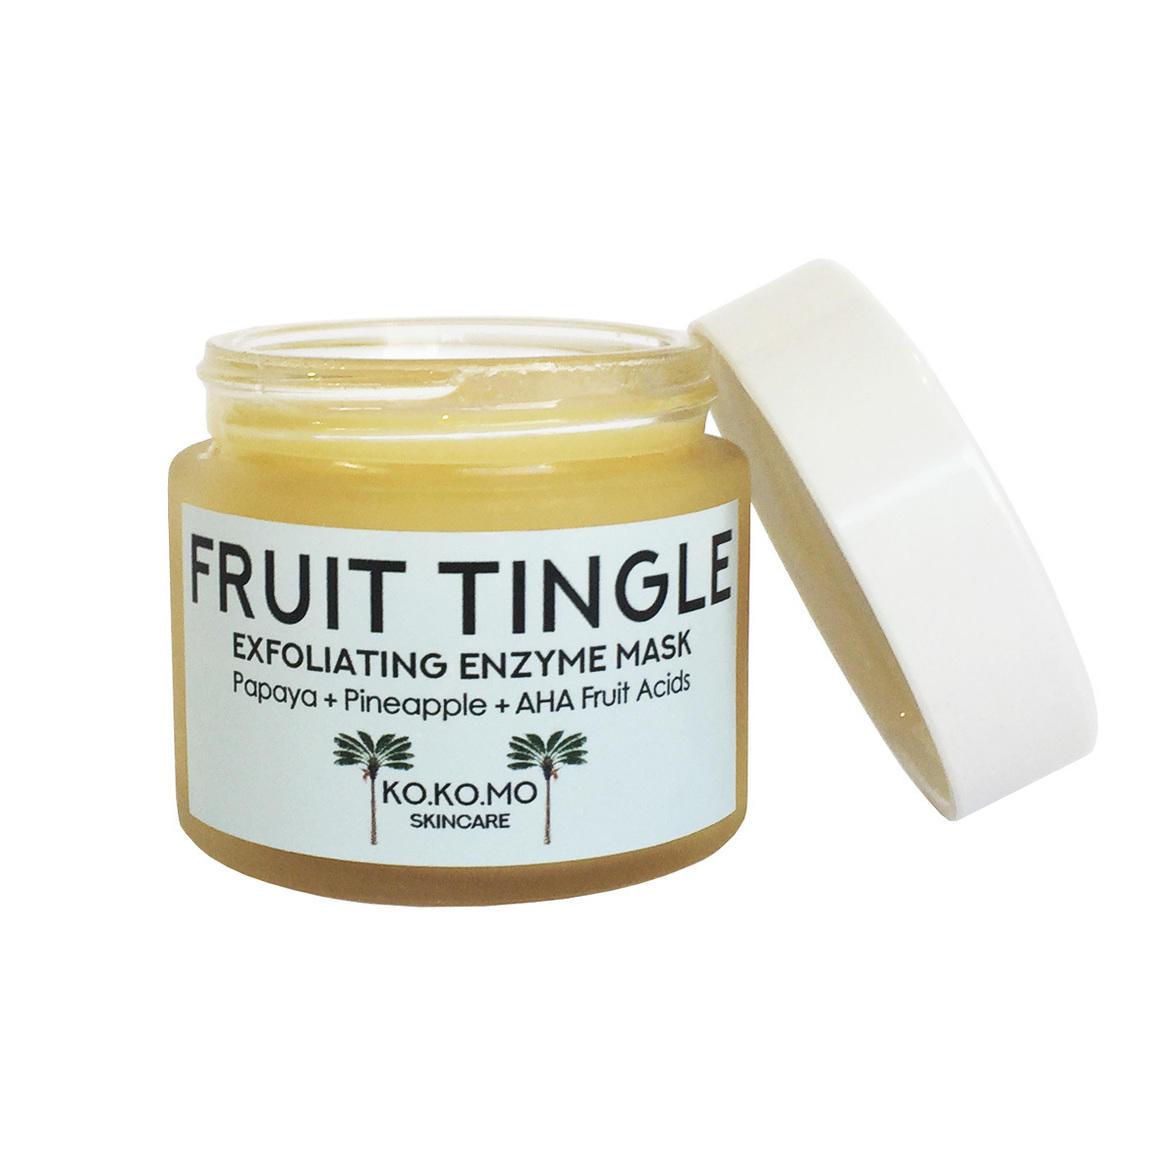 Fruit Tingle Exfoliating Enzyme Mask   Trada Marketplace